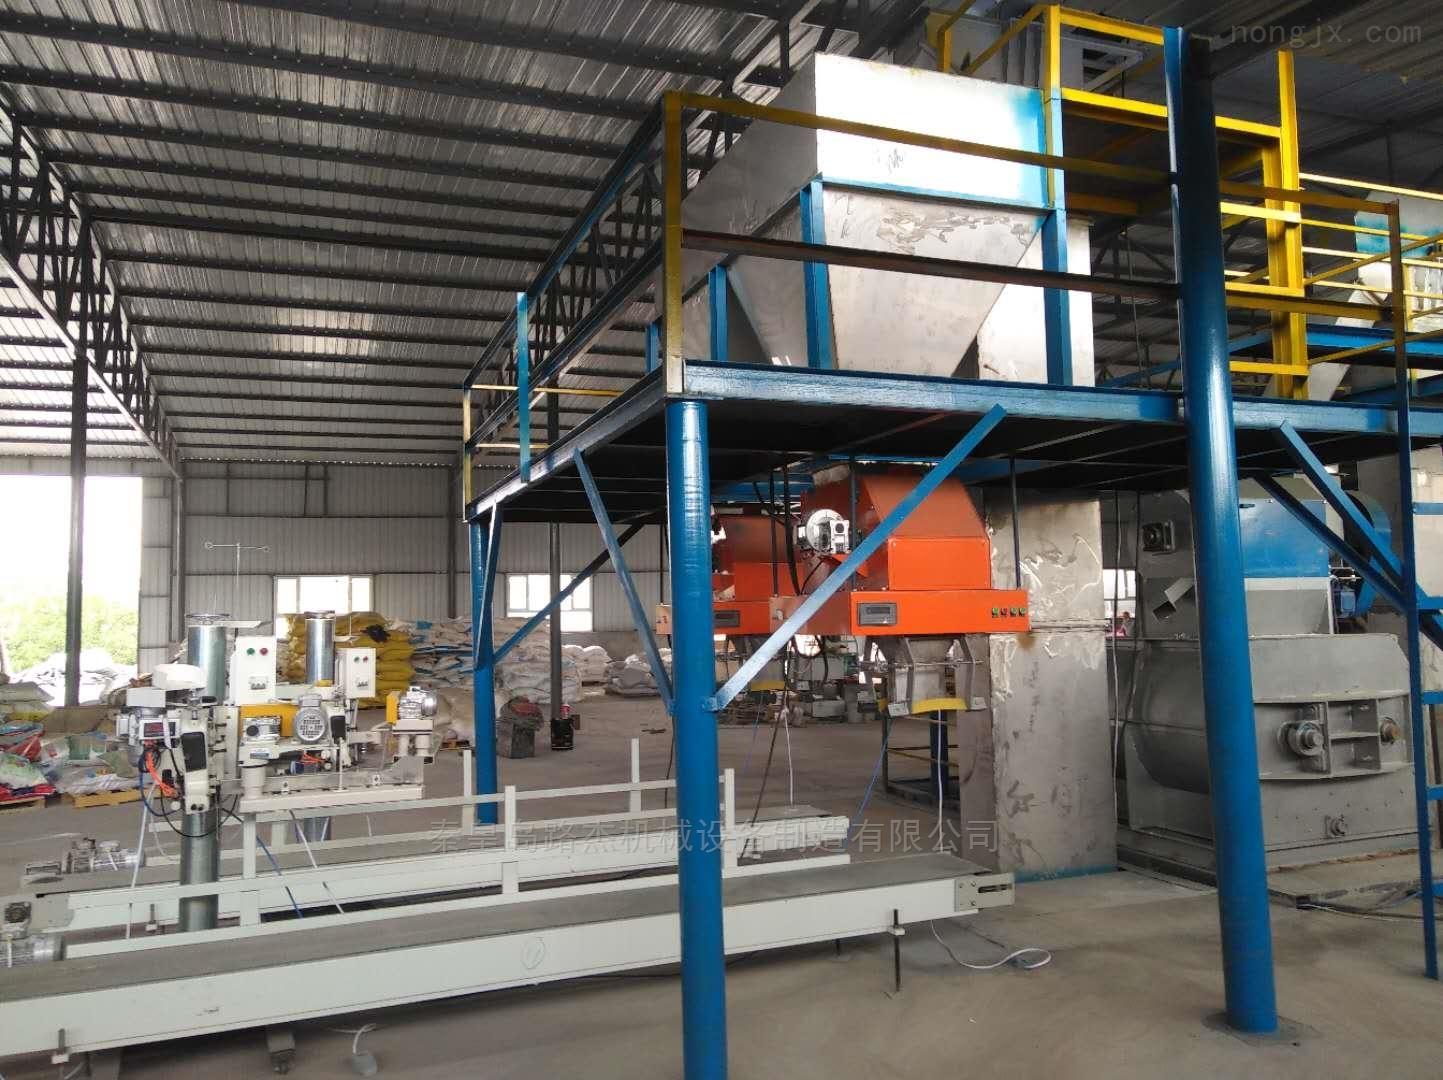 阿克苏水溶肥设备调试成功粉状肥生产设备